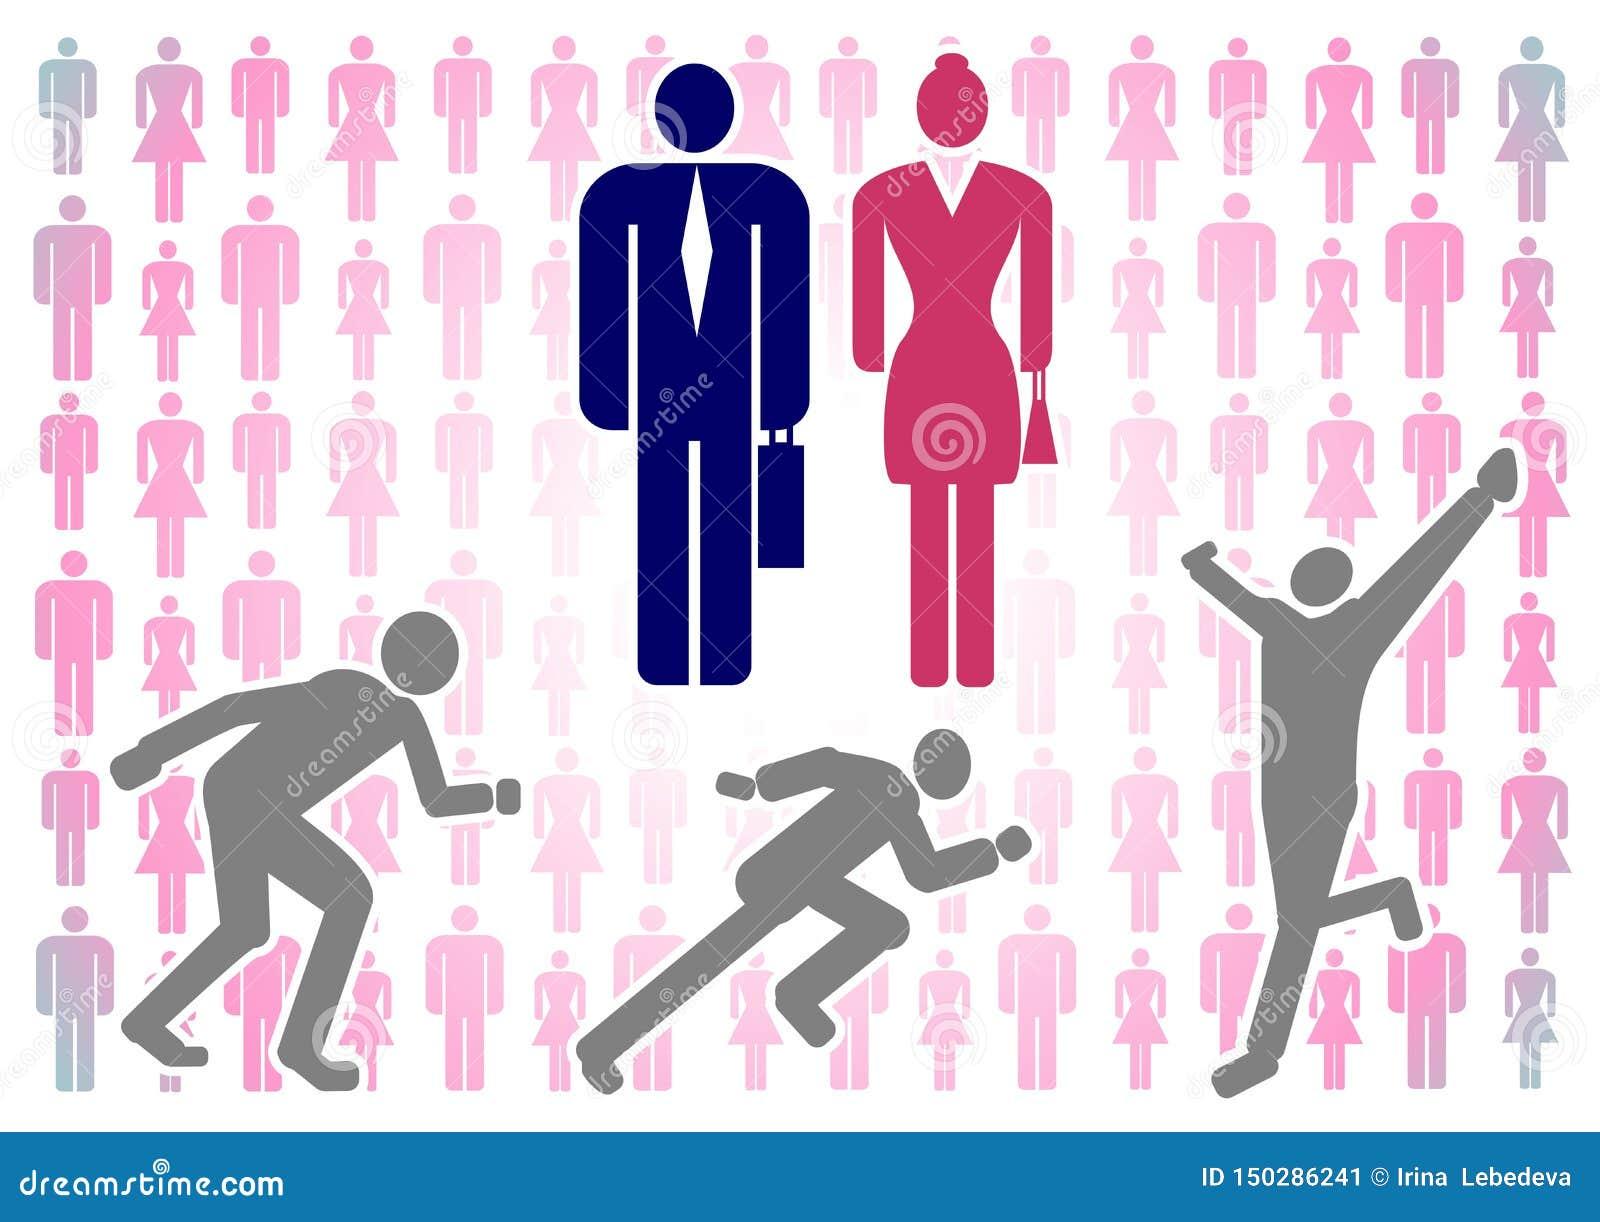 Illustrazione di vettore con le siluette variopinte degli uomini e delle donne su un fondo bianco come pure la figura di un uomo